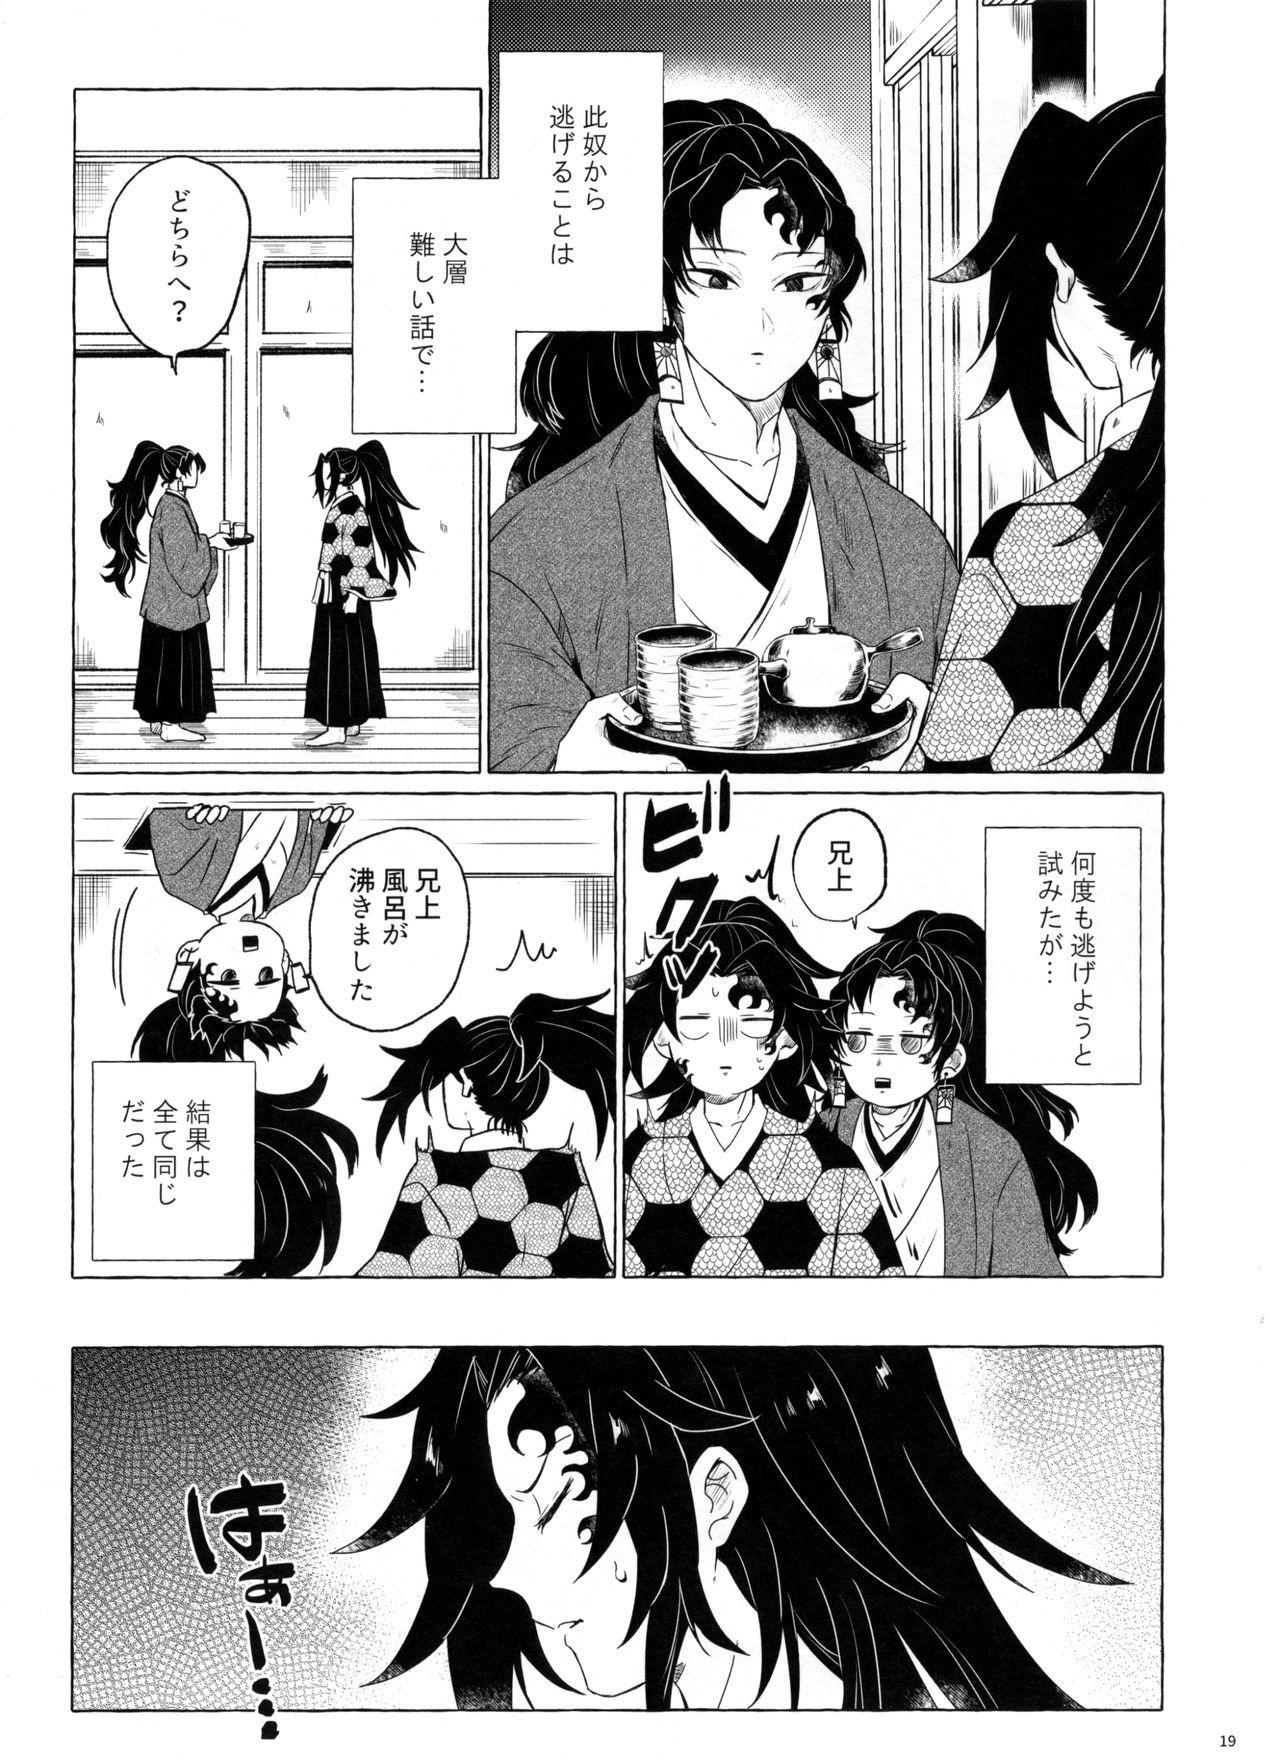 Tanoshii Jigoku no Icchoume 17